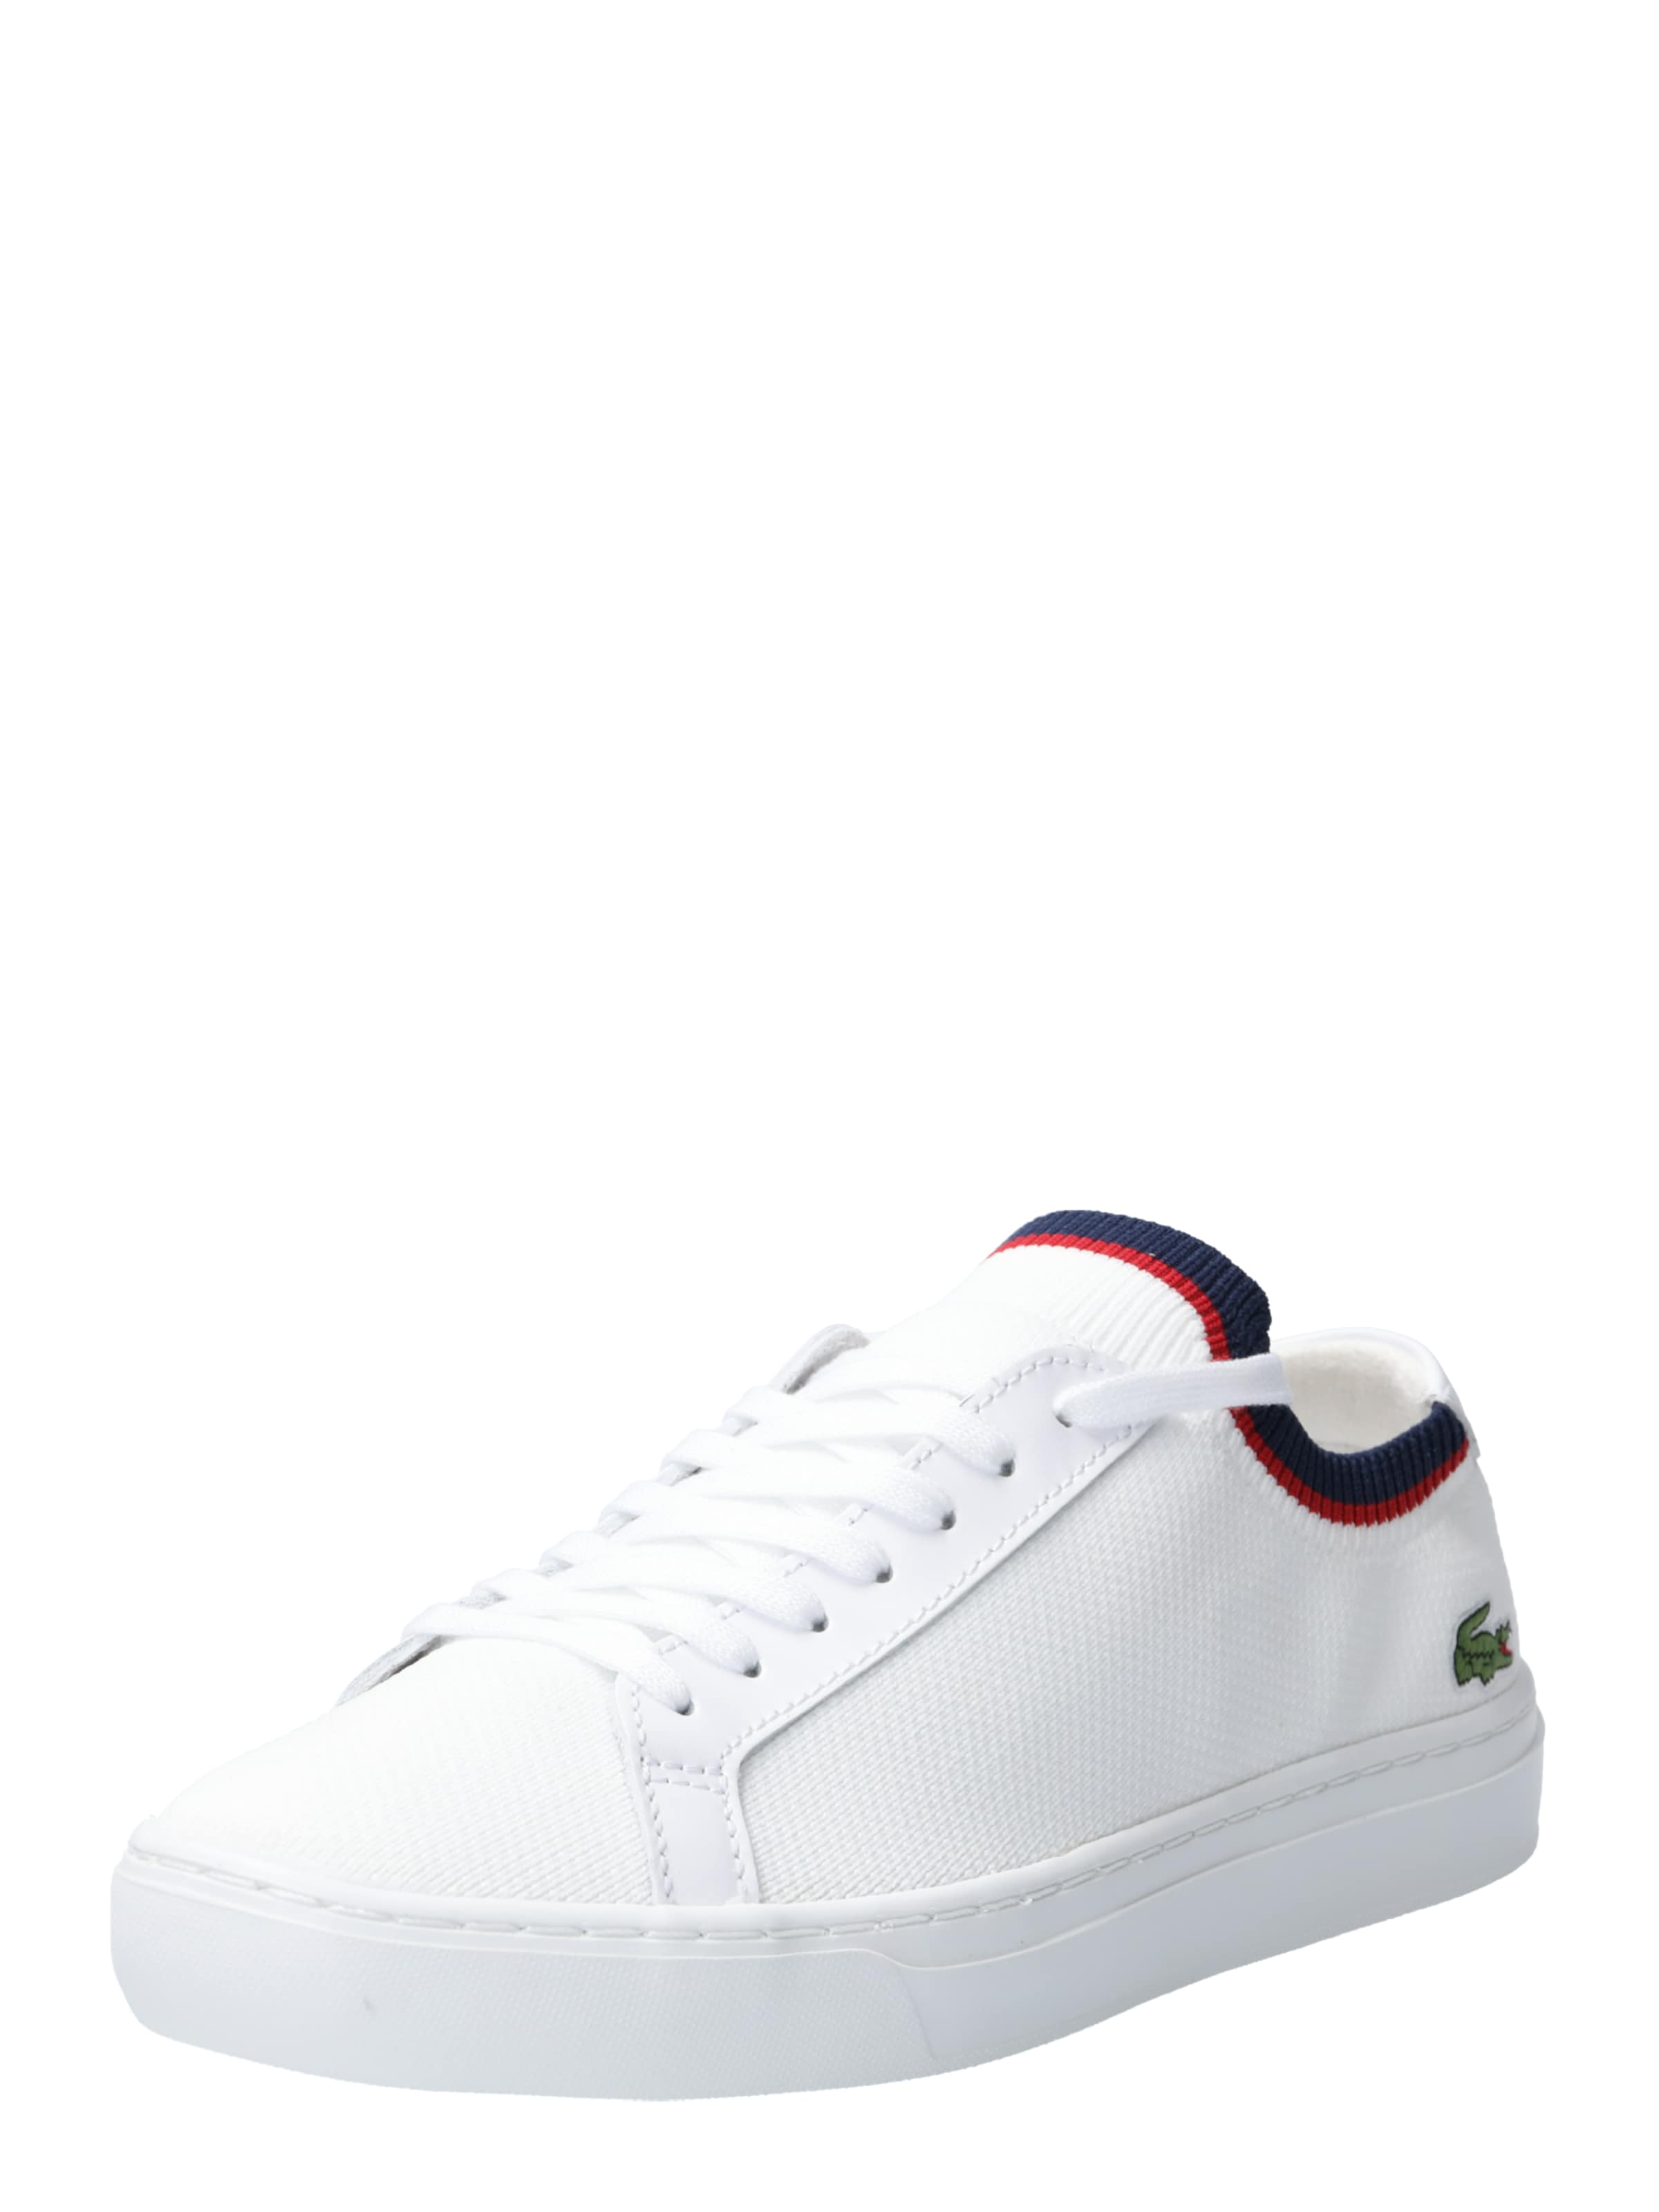 In Sneaker Lacoste Sneaker In NavyRot Lacoste Weiß Weiß NavyRot QCBdhxtrs